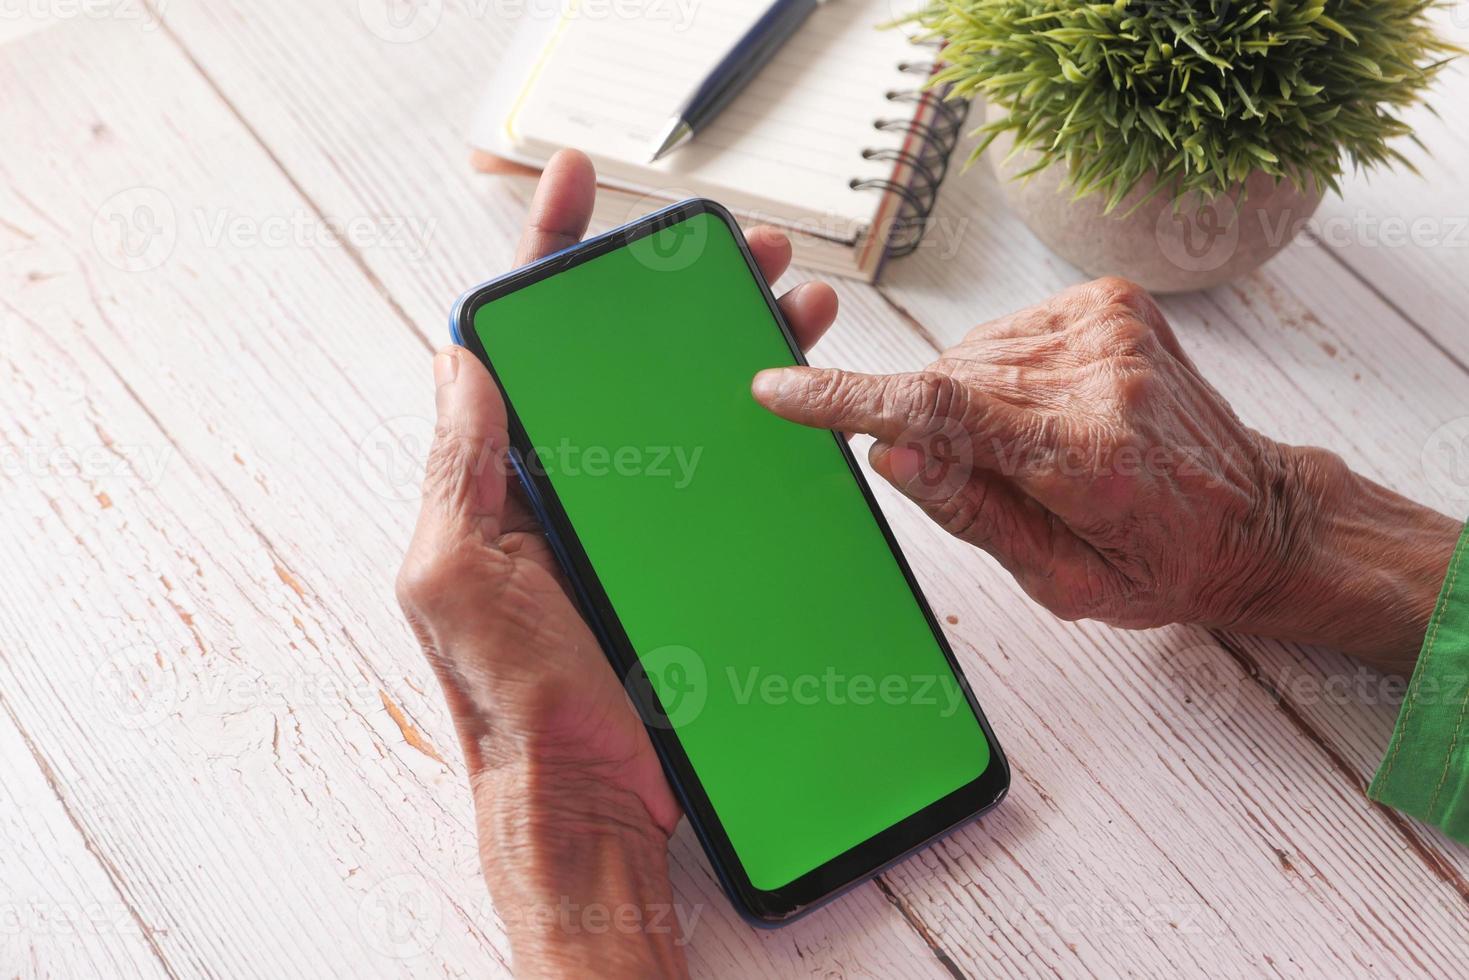 pessoa usando telefone inteligente com tela verde foto